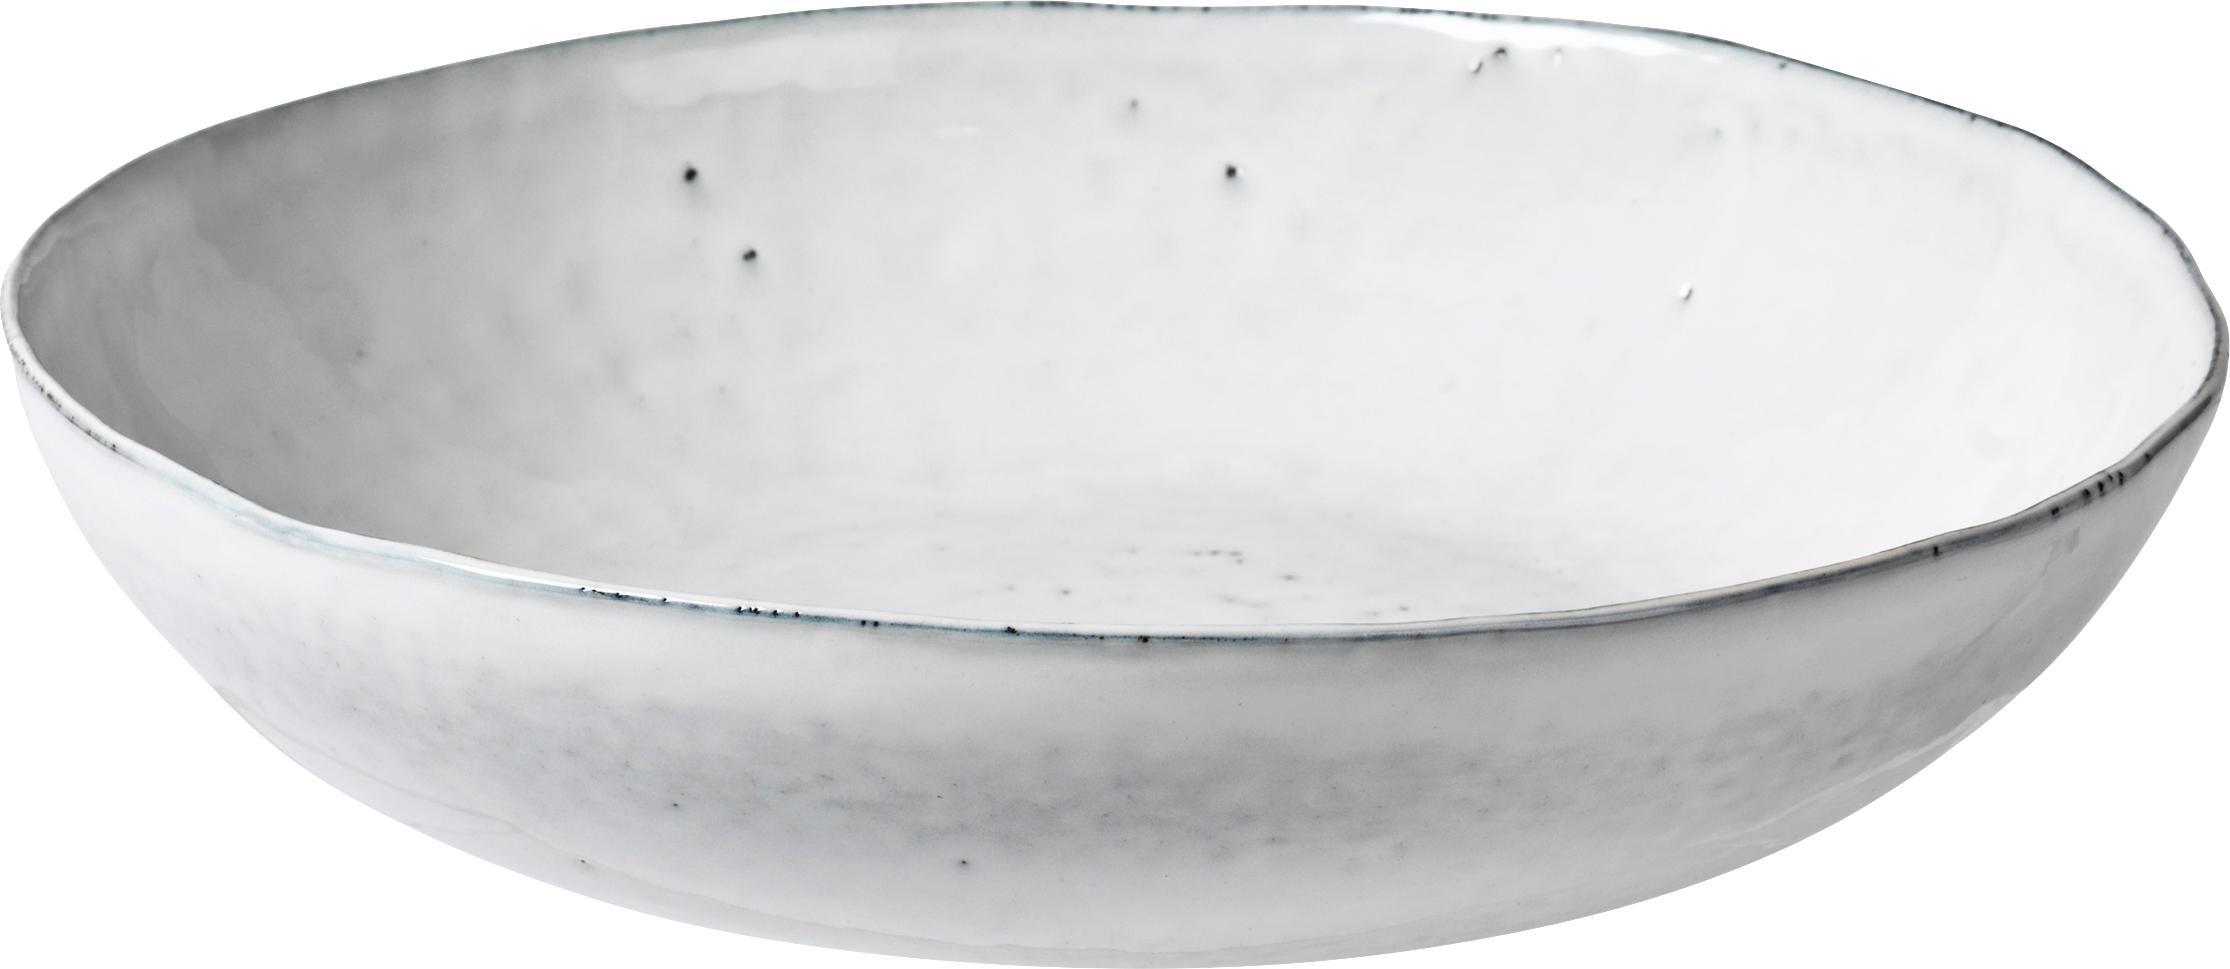 Handgemaakte serveerschotel Nordic Sand, Keramiek, Zandkleurig, Ø 34 x H 8 cm